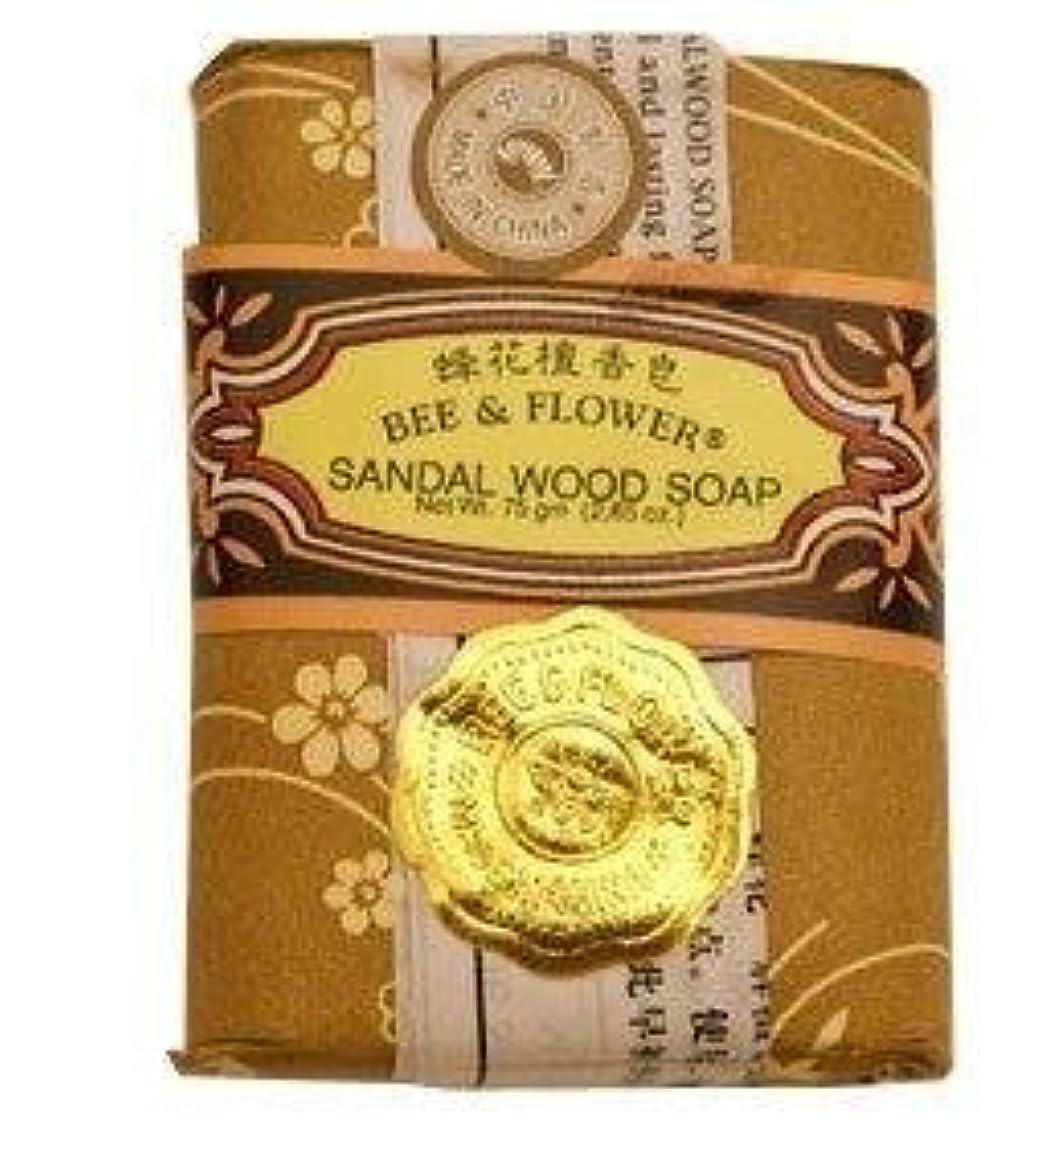 異常な彼女トーストBee And Flower Sandal Wood Bar Soap 2.65 Ounce - 12 per case. [並行輸入品]